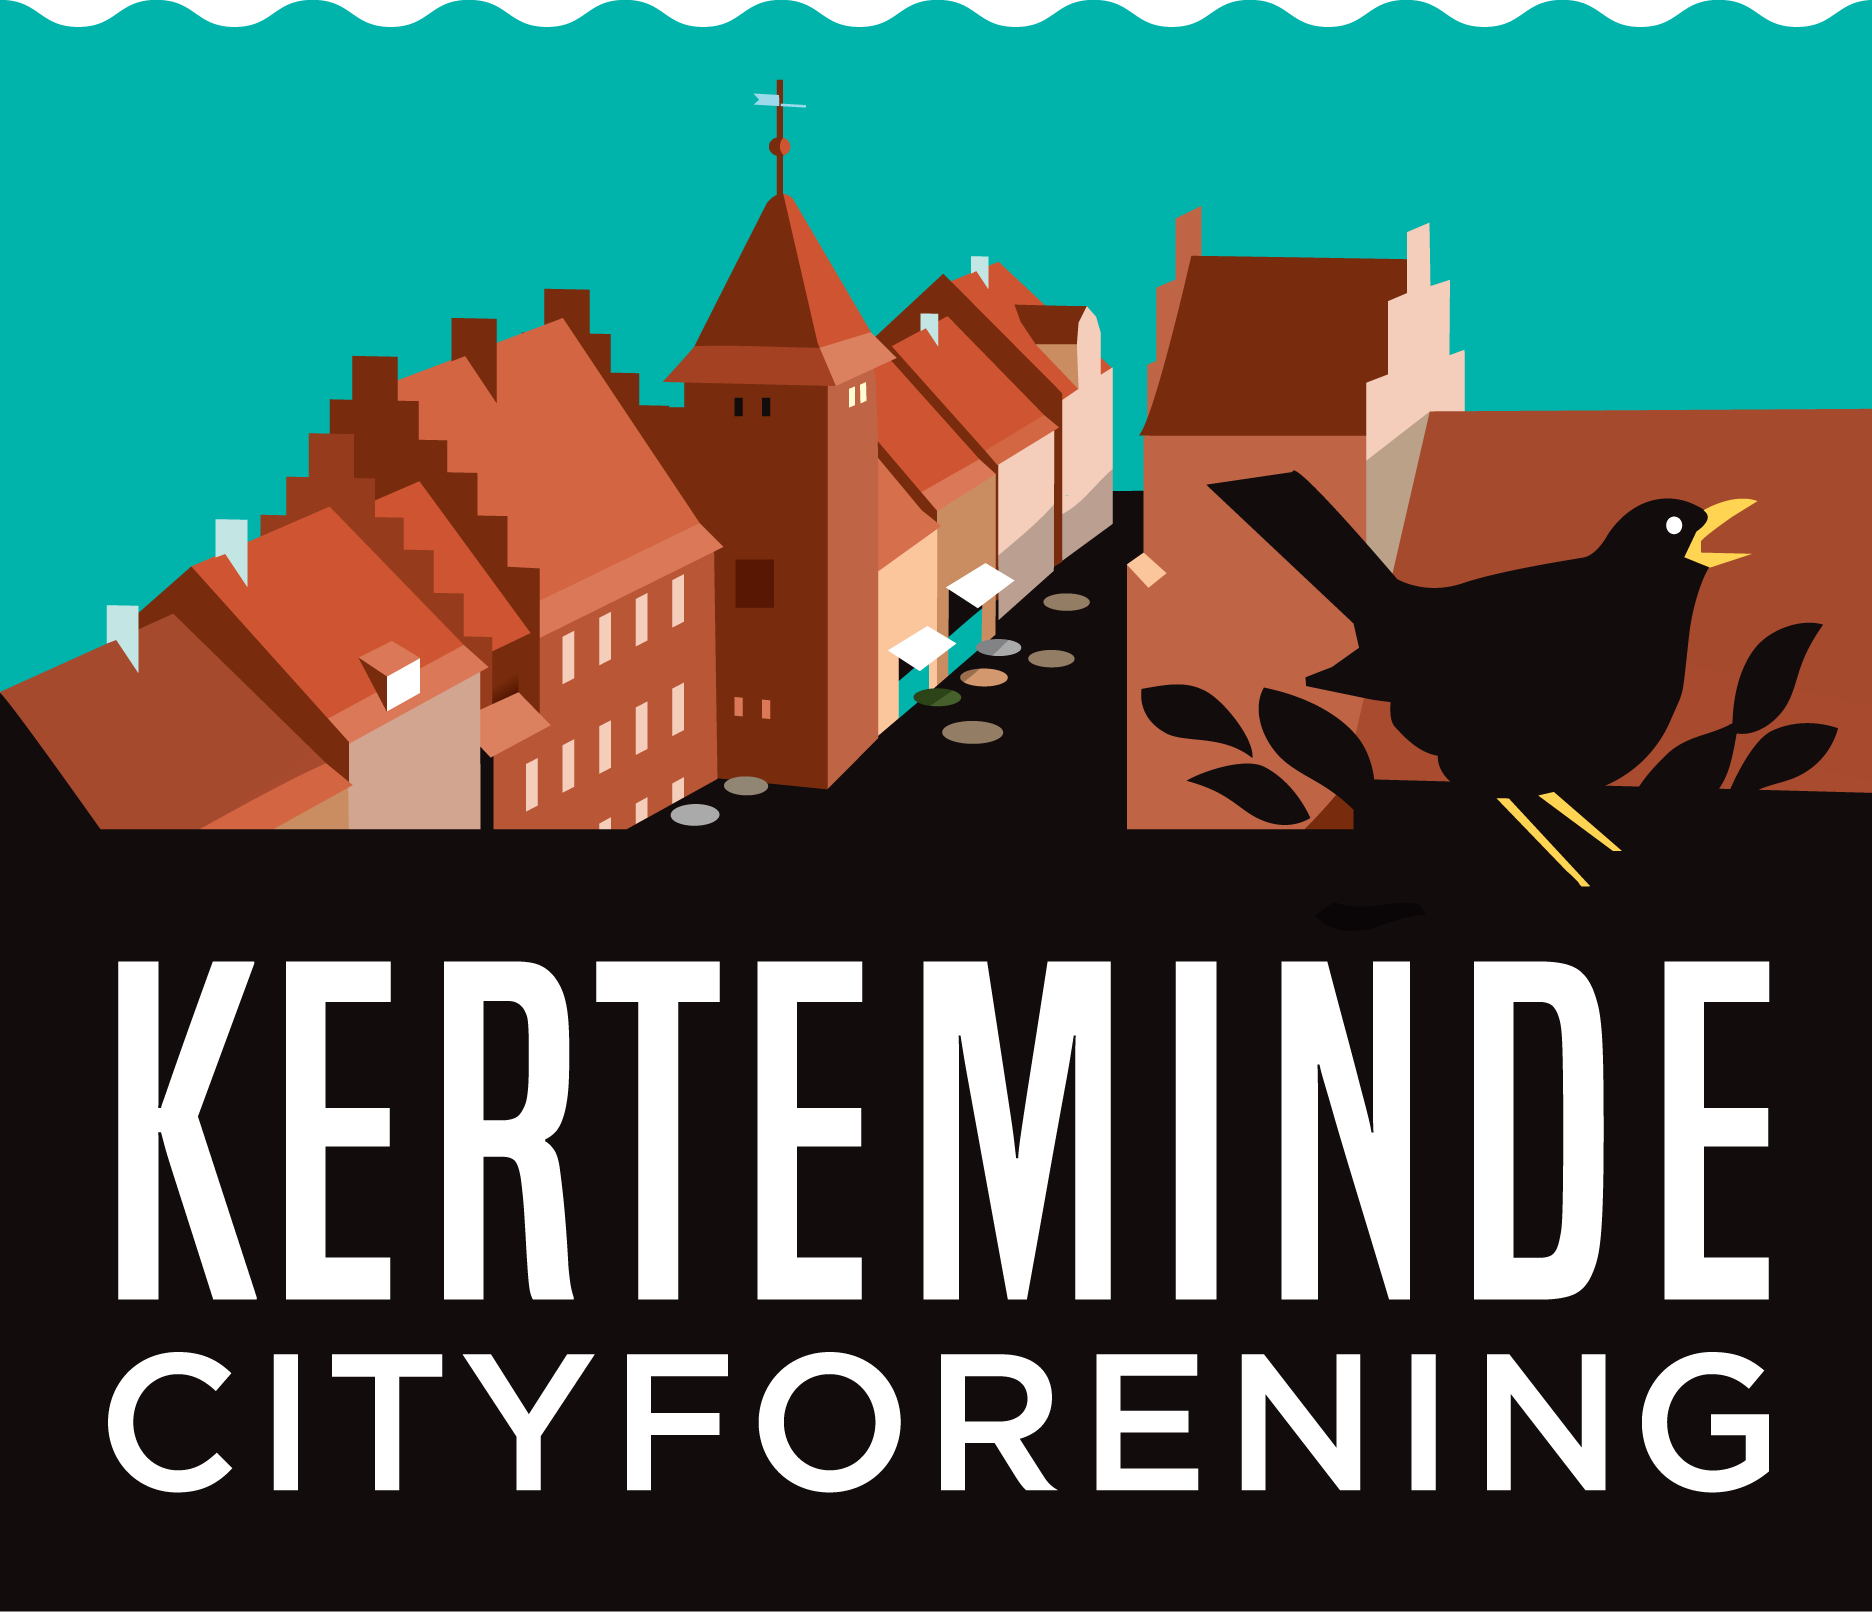 Kerteminde Cityforening